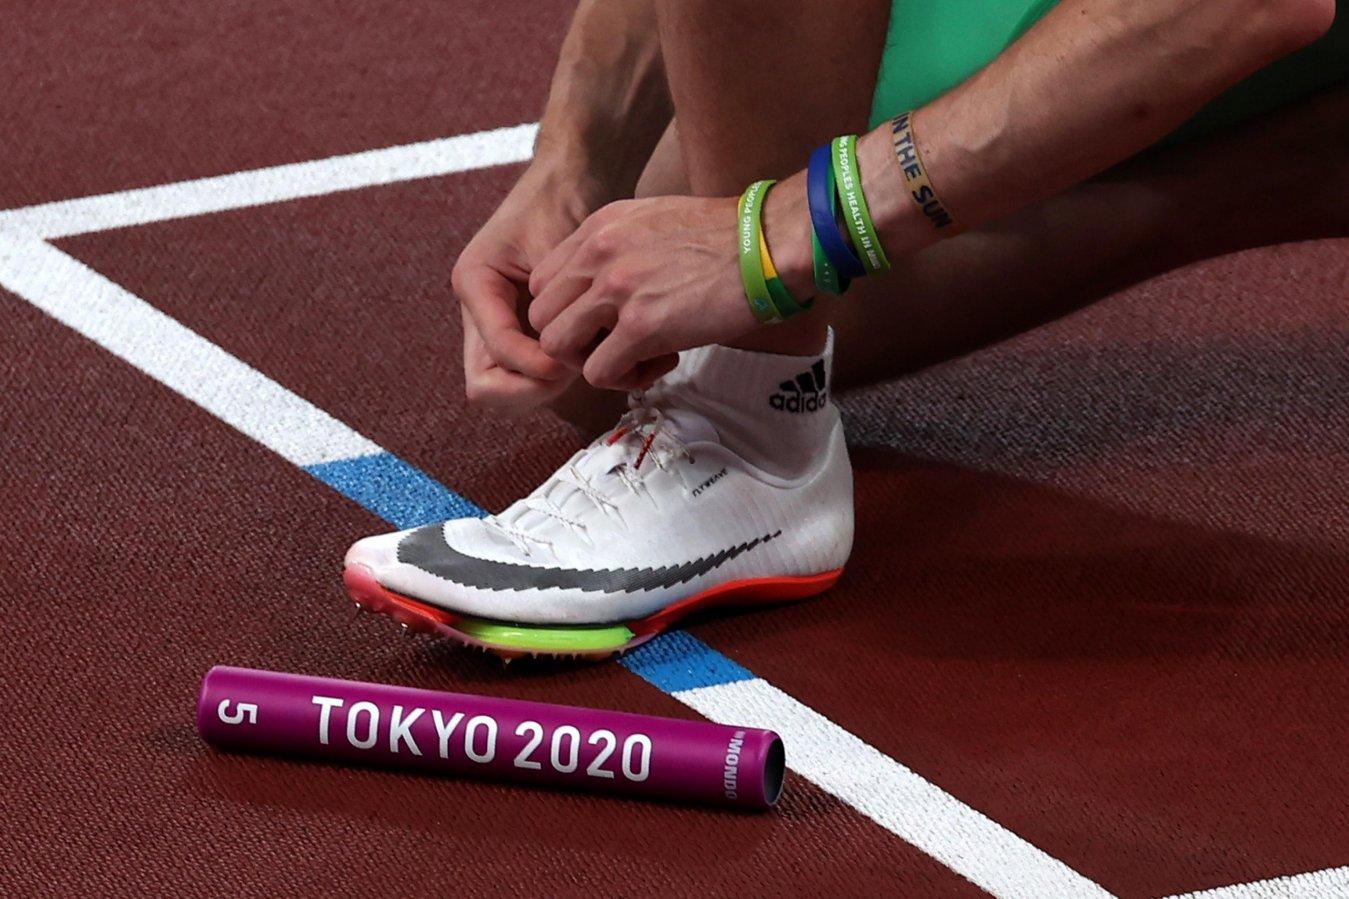 Olimpiadi Tokyo Day 8, Diretta Gare Sabato 31 Luglio (Discovery+ e Rai2)